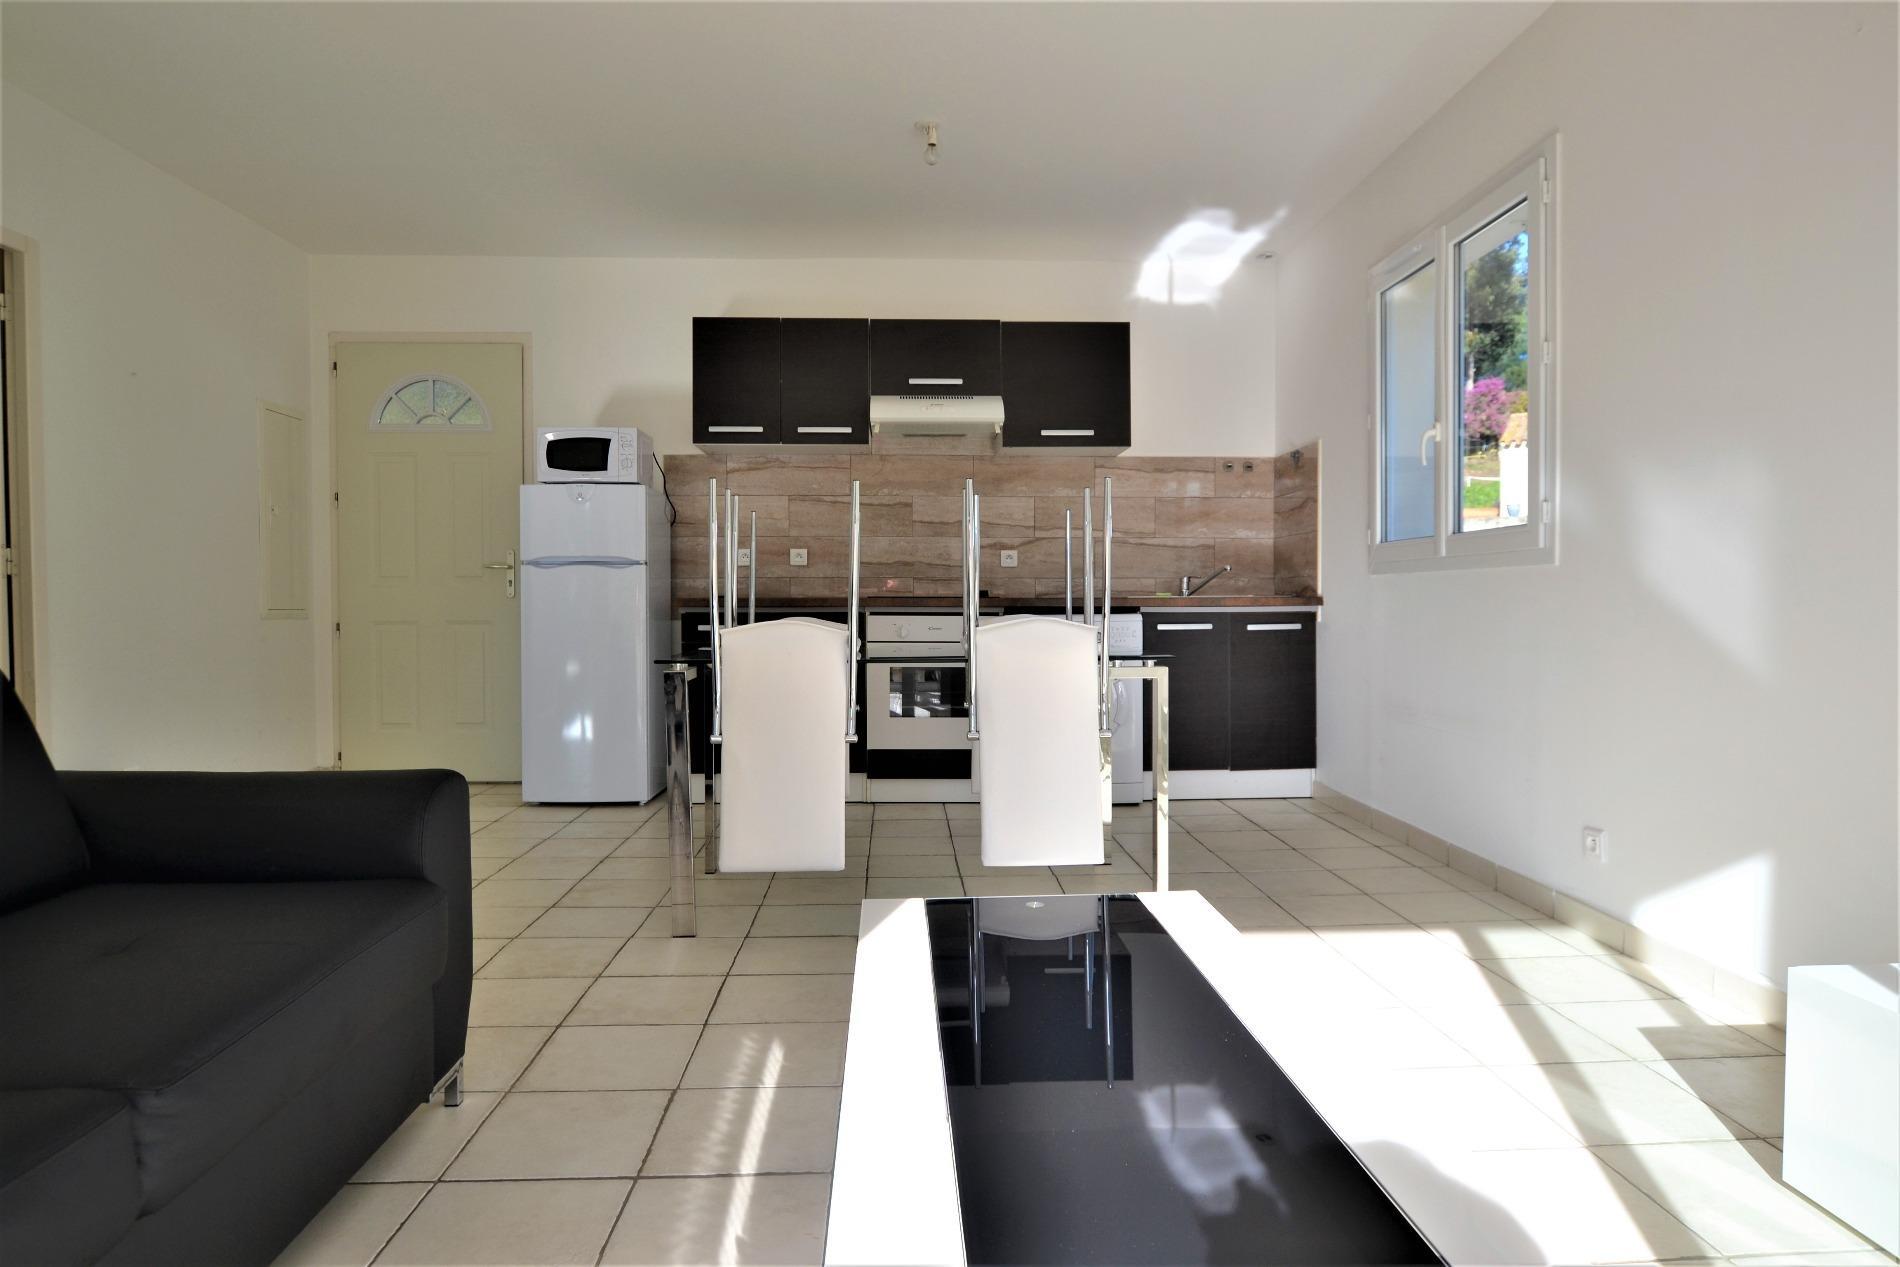 Appartement meublé 2 pièces 42 m2 Alata